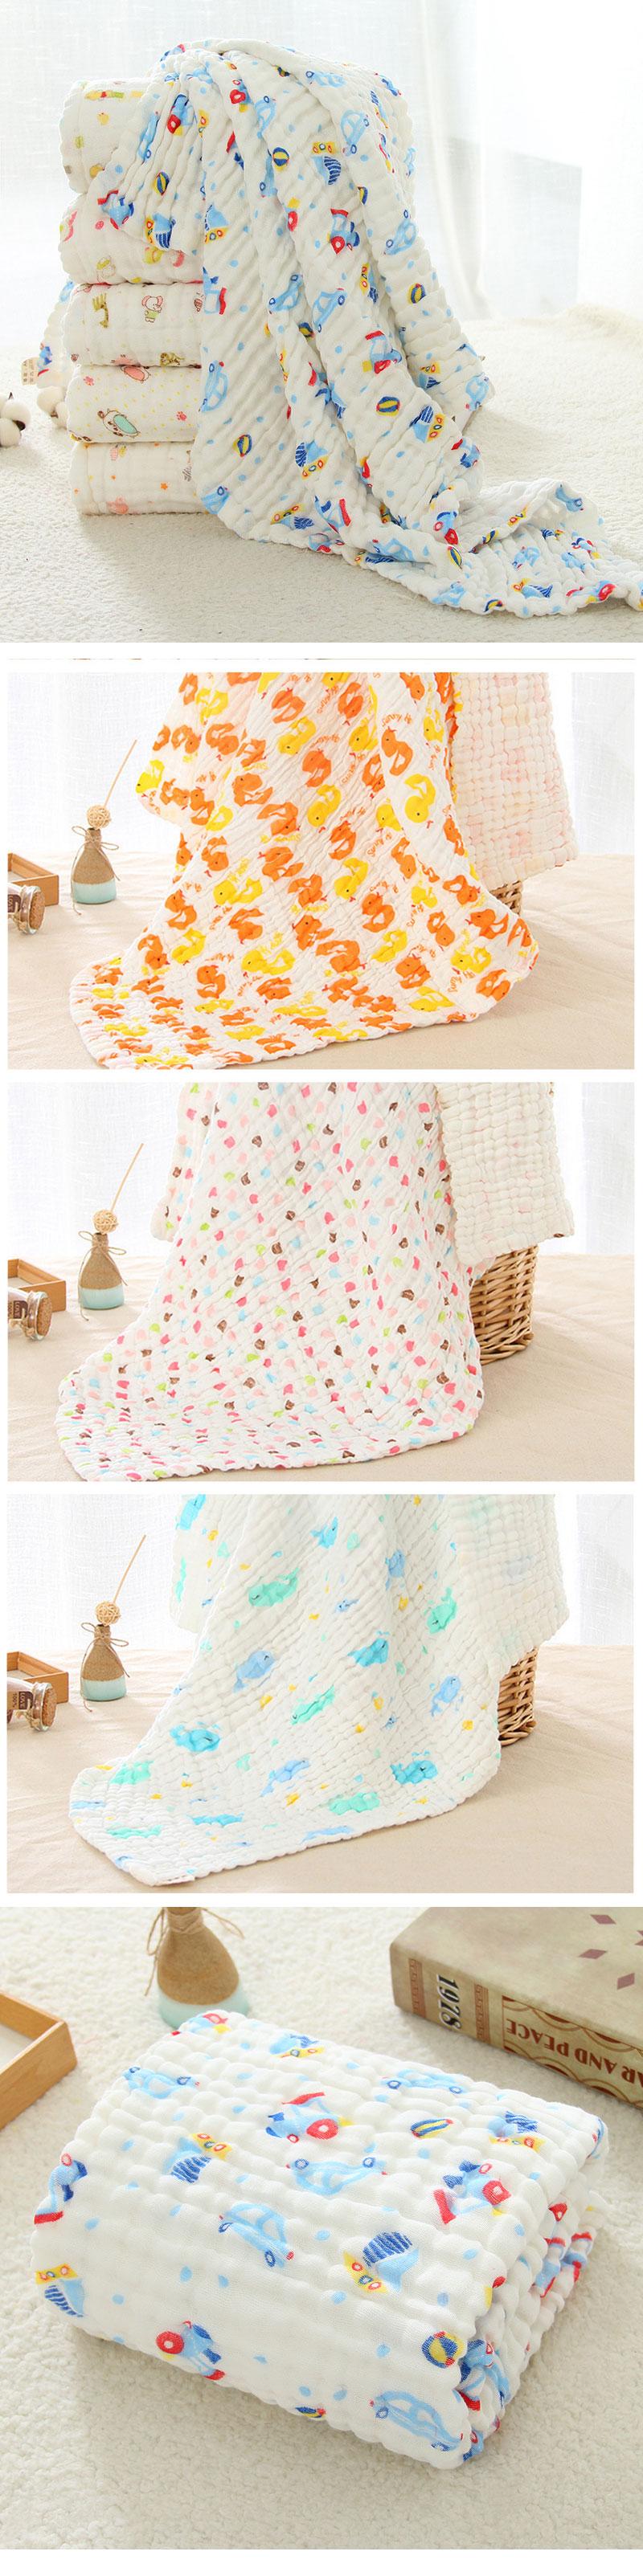 camada toalha de banho cobertor cama